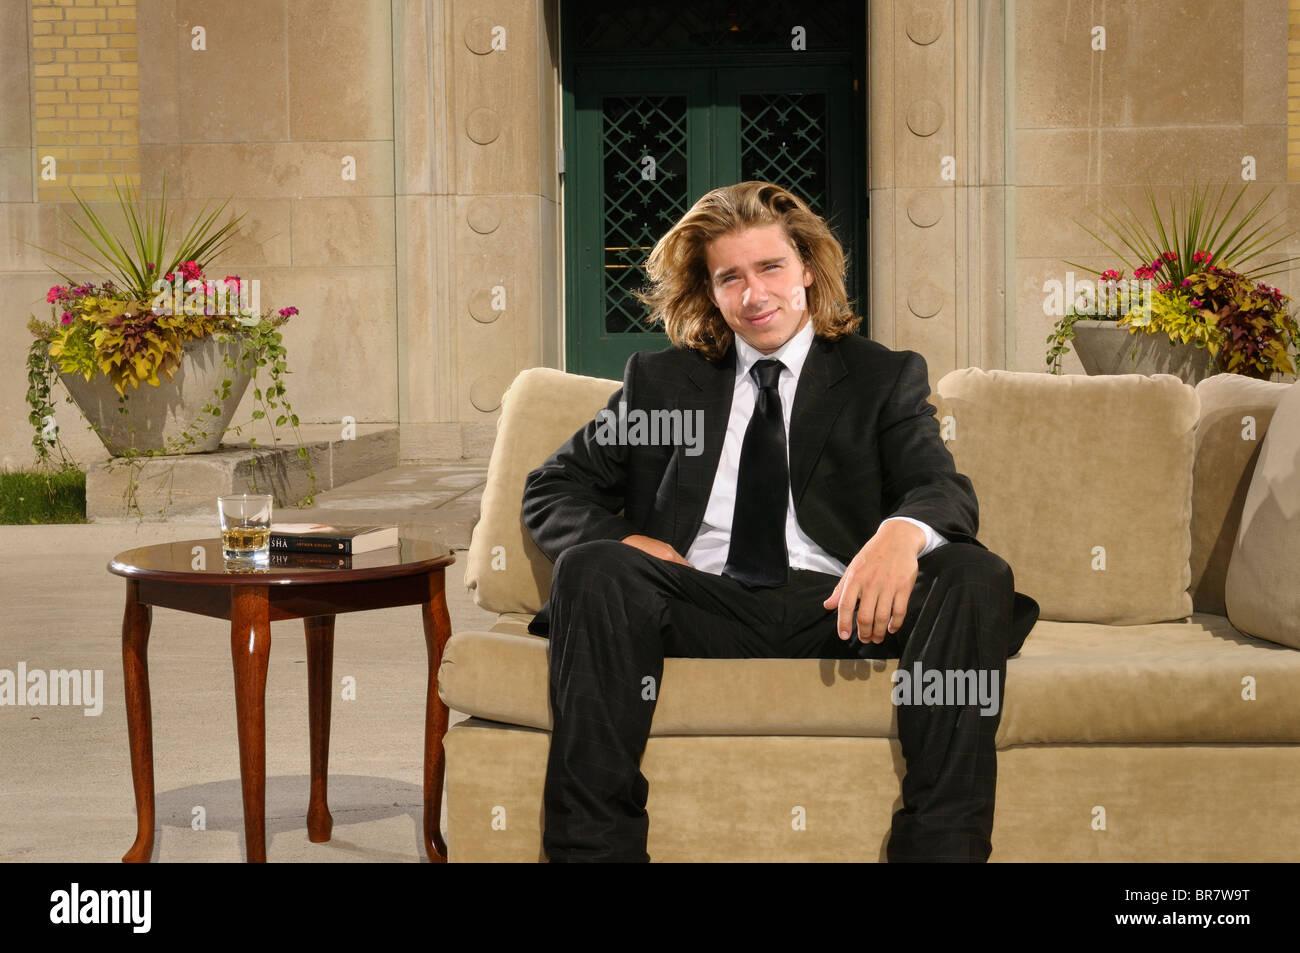 Reichen jungen Mann mit langen blonden Haaren im Anzug sitzen auf einer Couch auf der Terrasse in einem Herrenhaus Stockbild